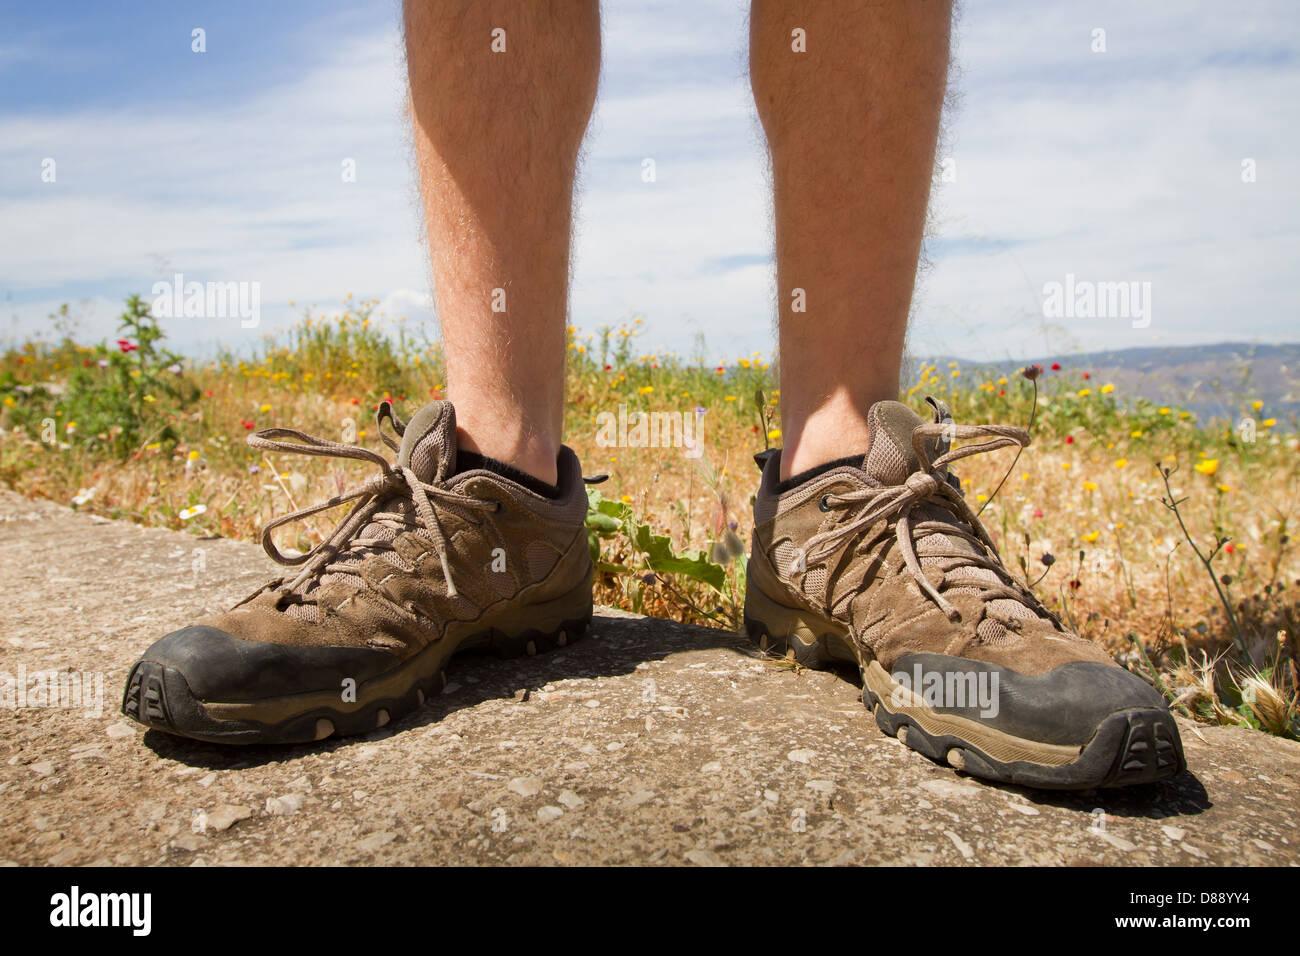 Zapatos de trekking exterior, piernas de caminante Imagen De Stock